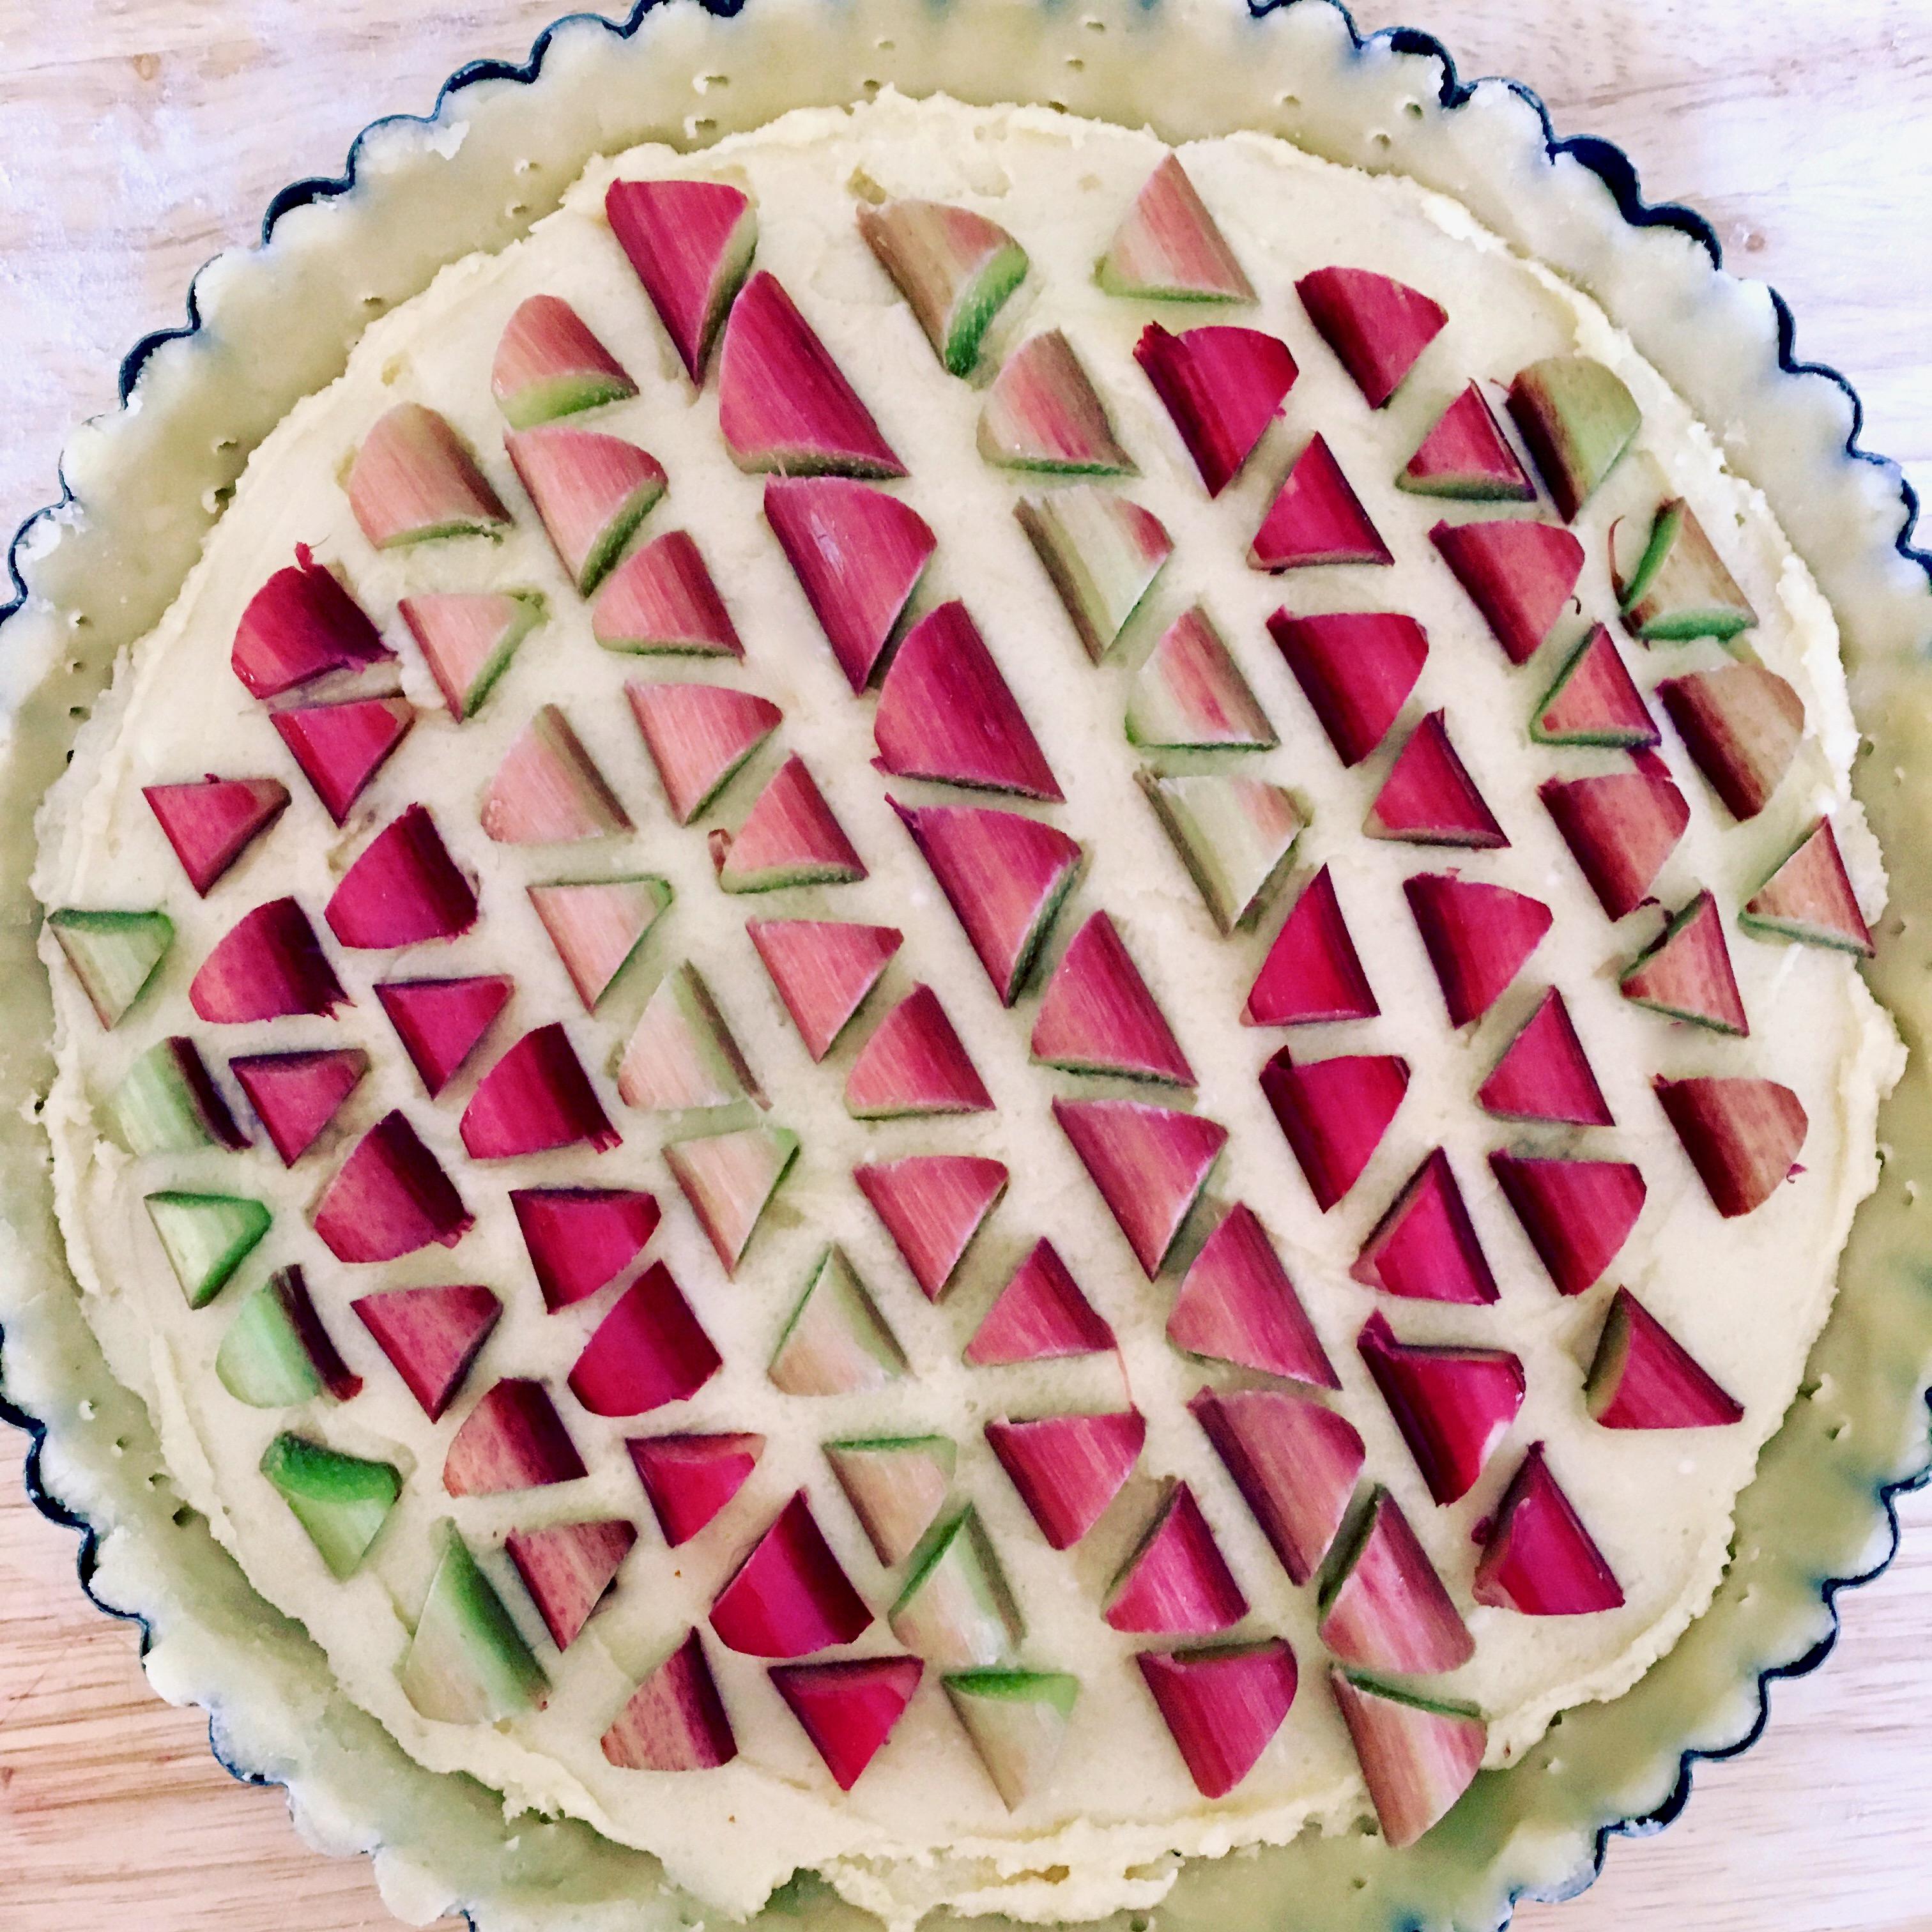 unbaked rhubarb tart